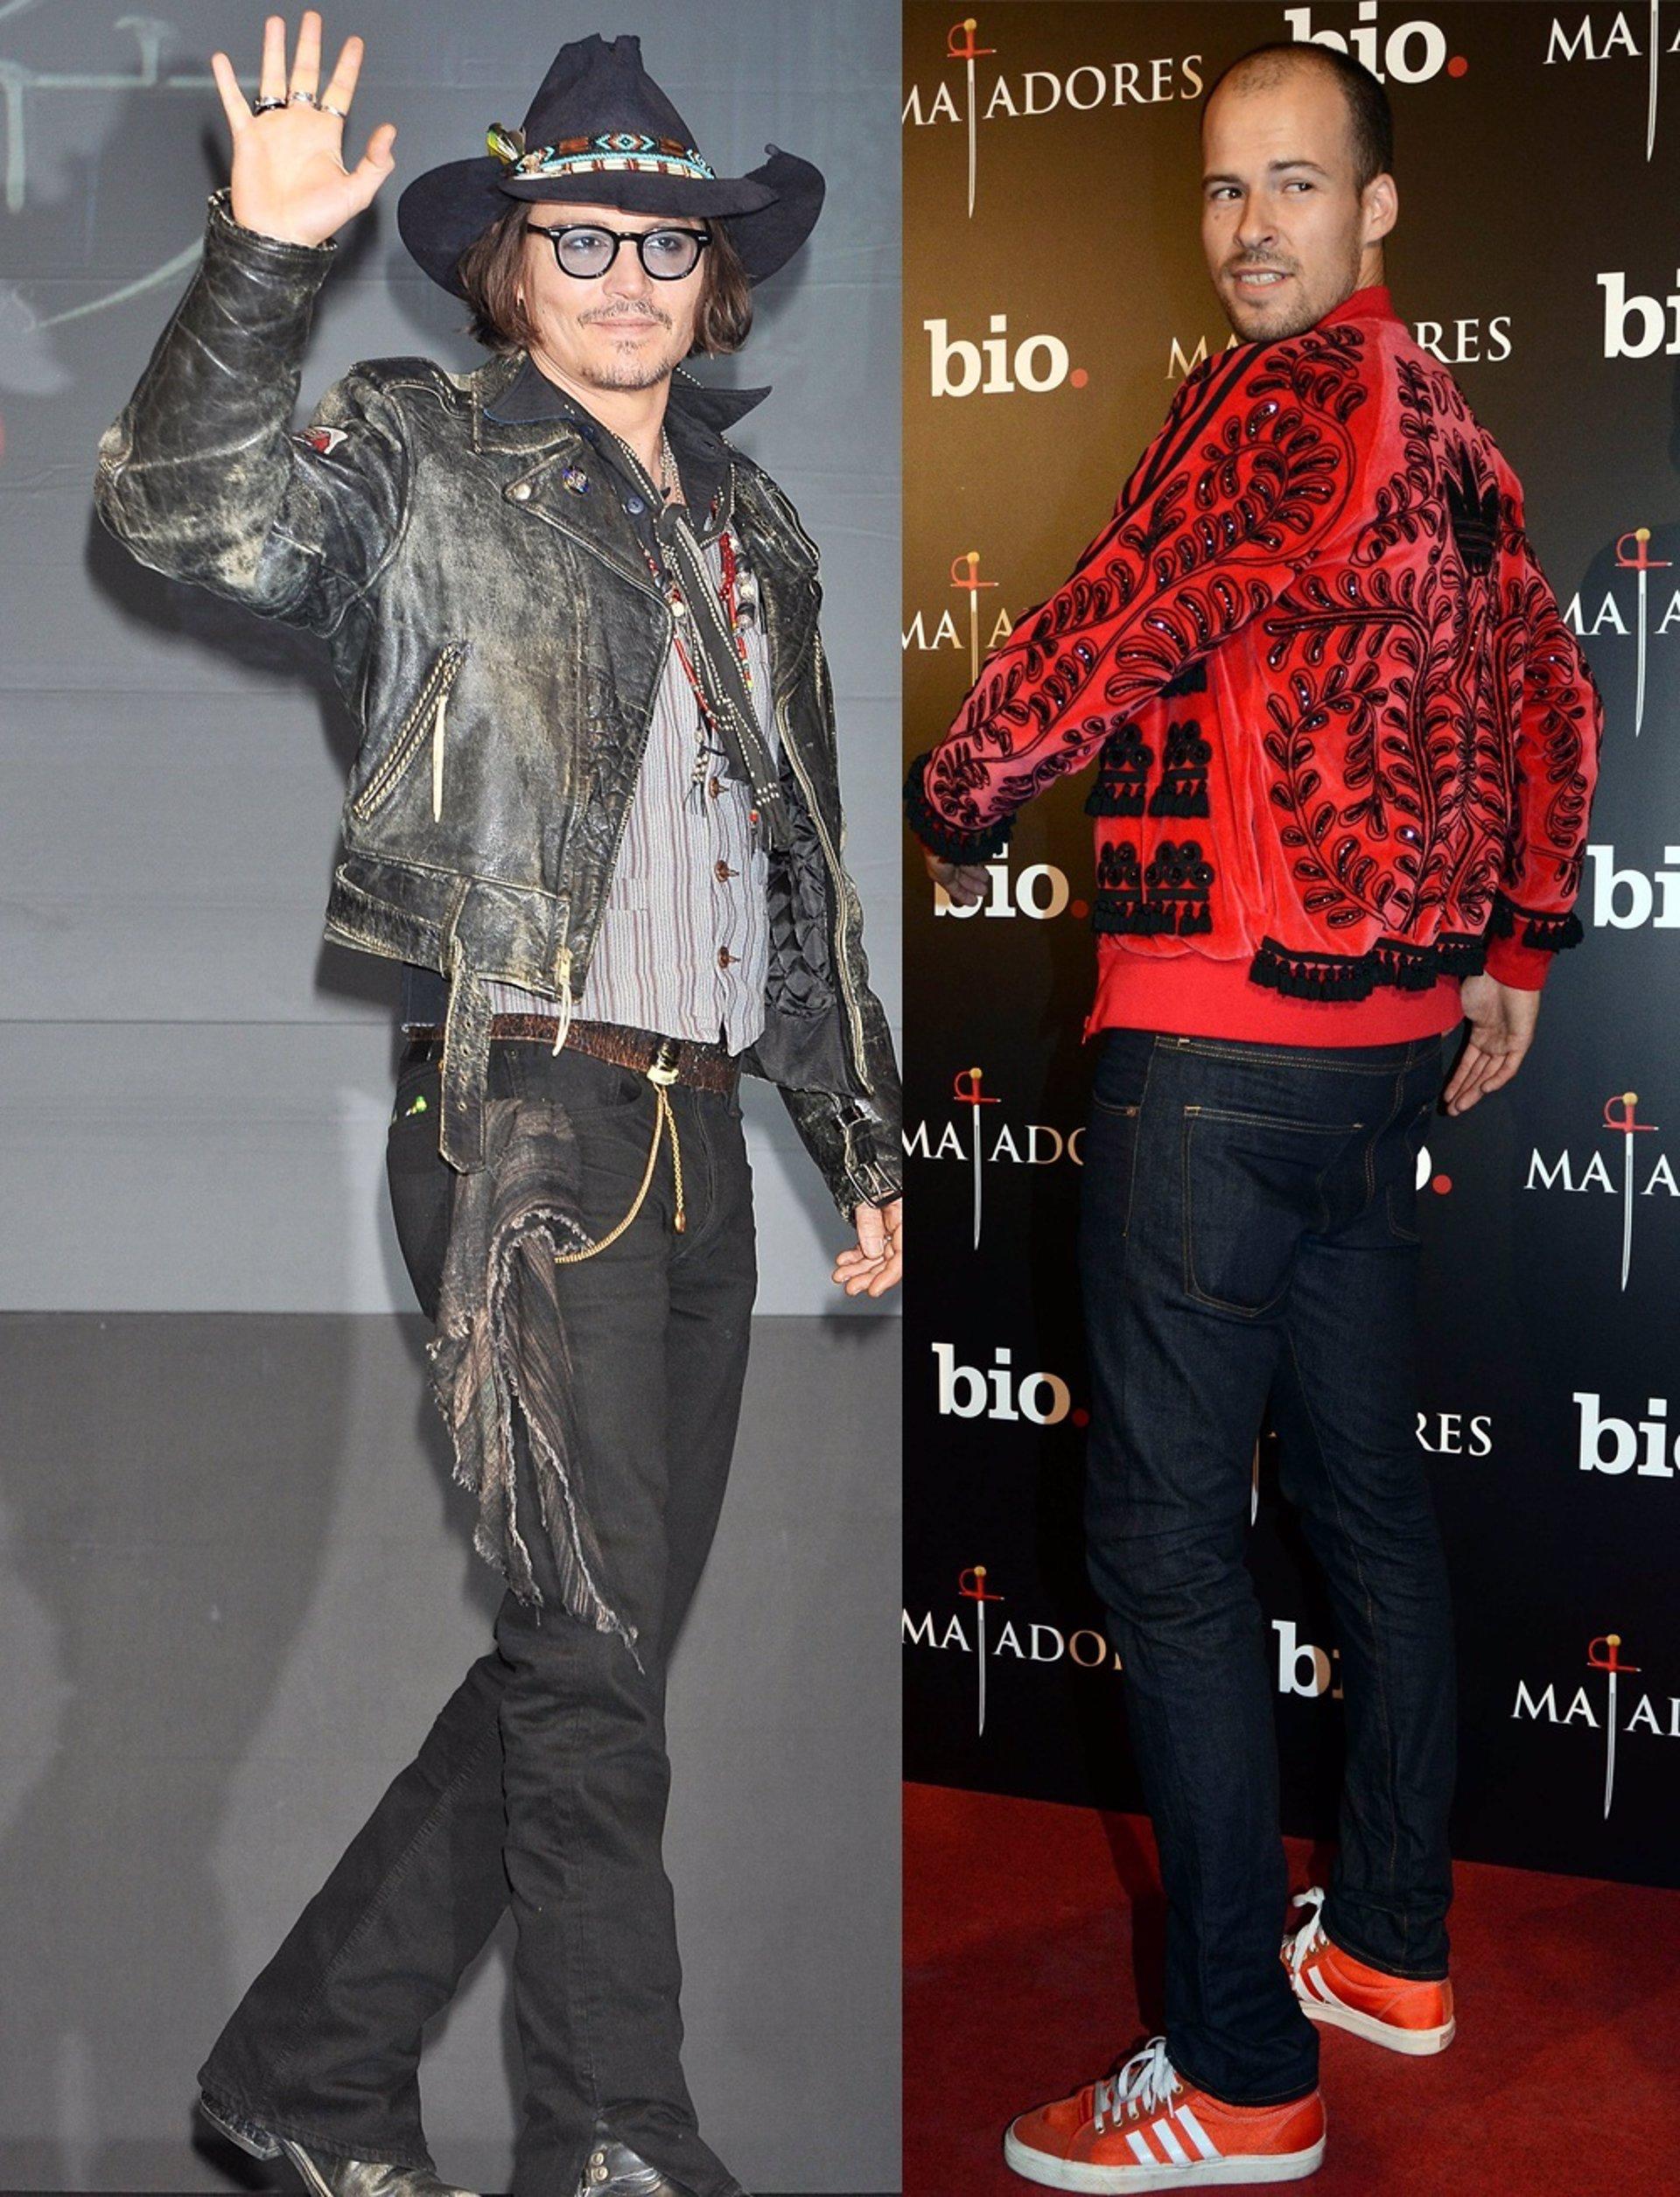 Johnny Moda Contra De Depp Su La Cowboy Y Cómo Española Estilo r10rqPRwa